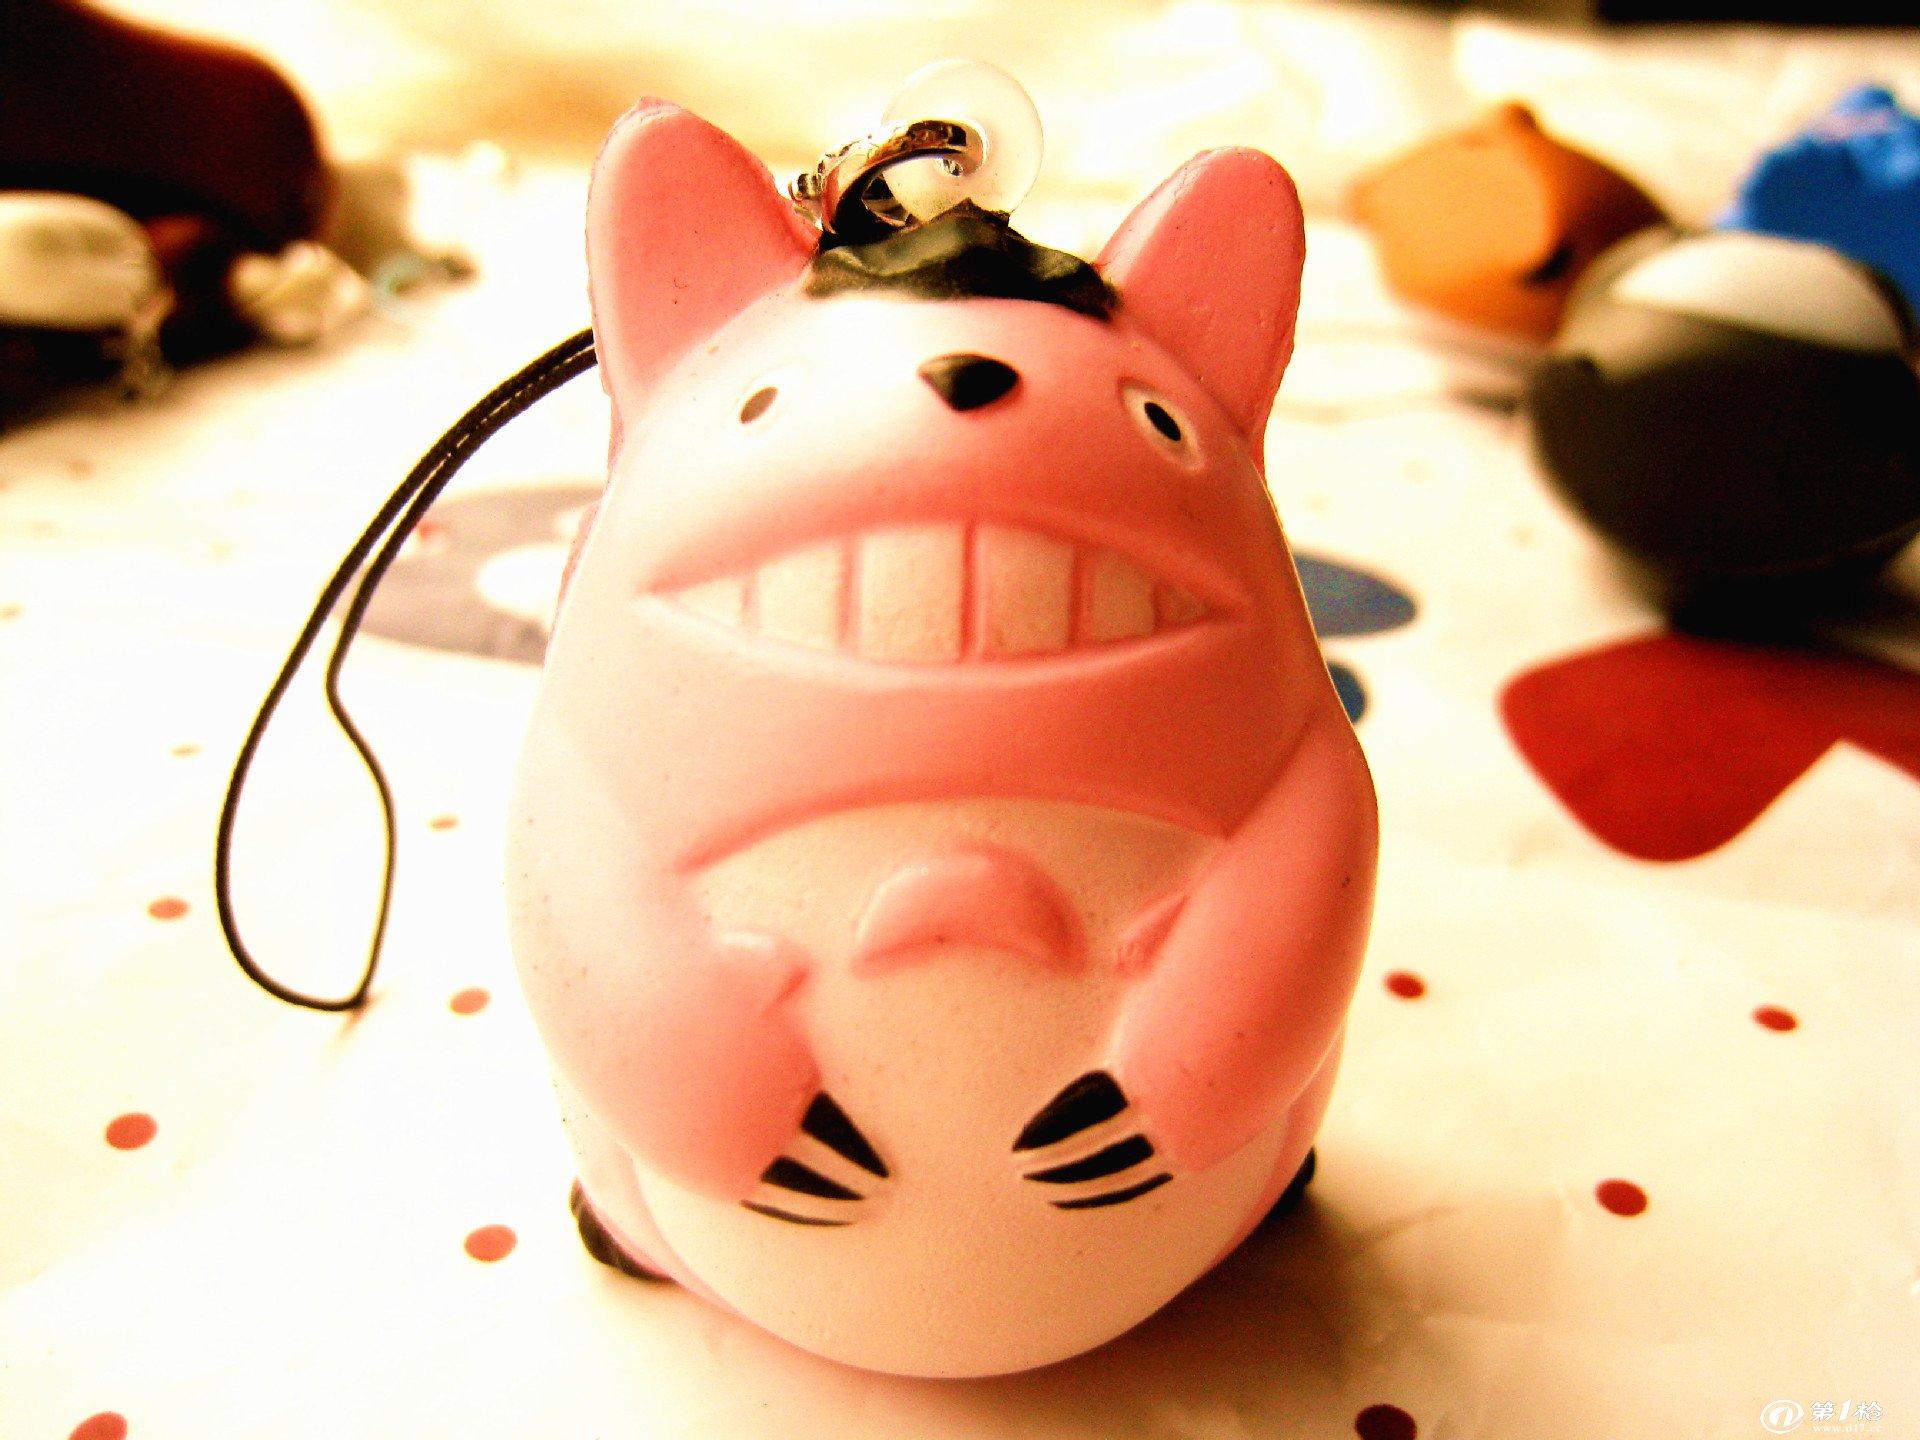 日本宫崎骏经典动画人物 龙猫公仔 手机挂件 包包饰品 格子店货源